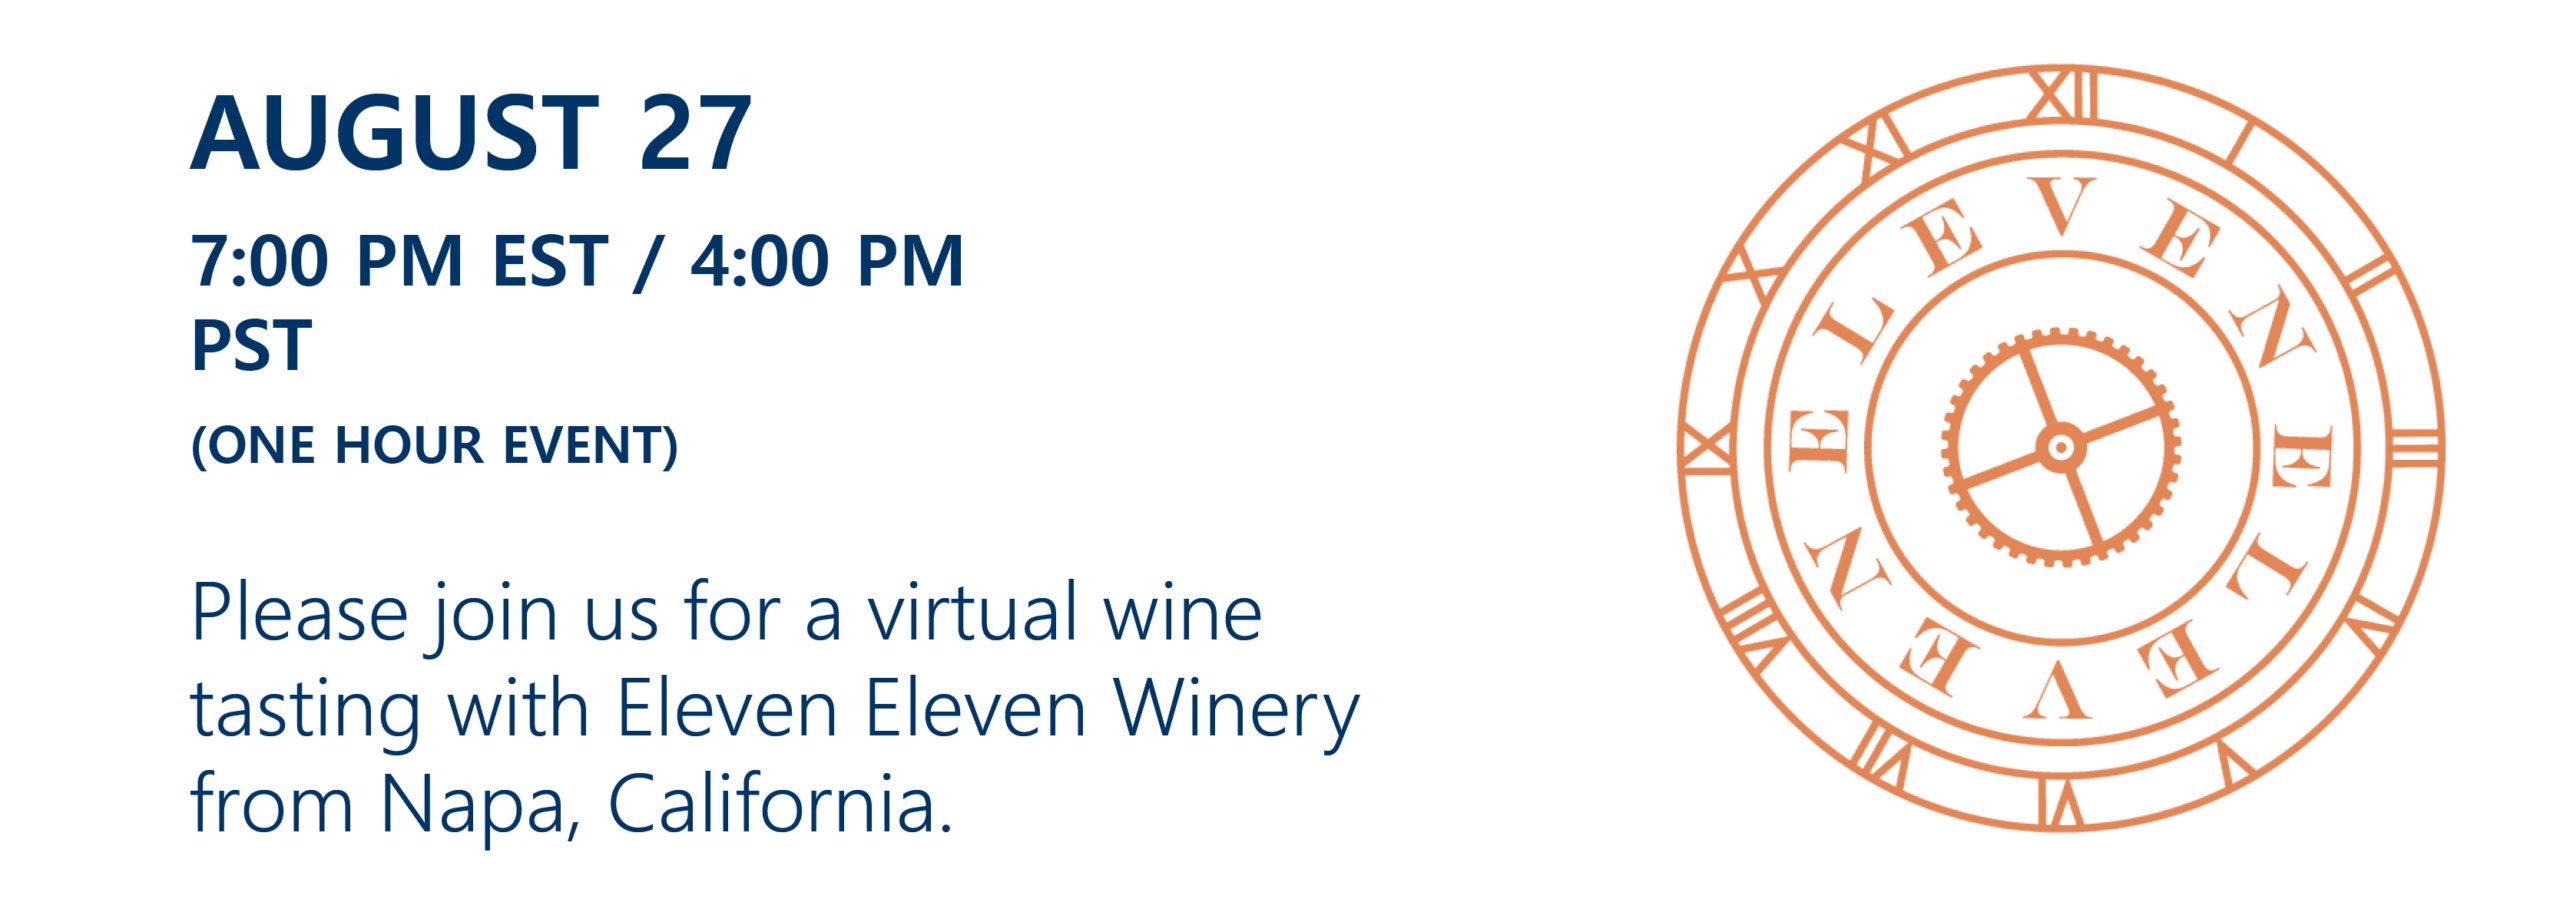 TIAPAC WineTasting Date